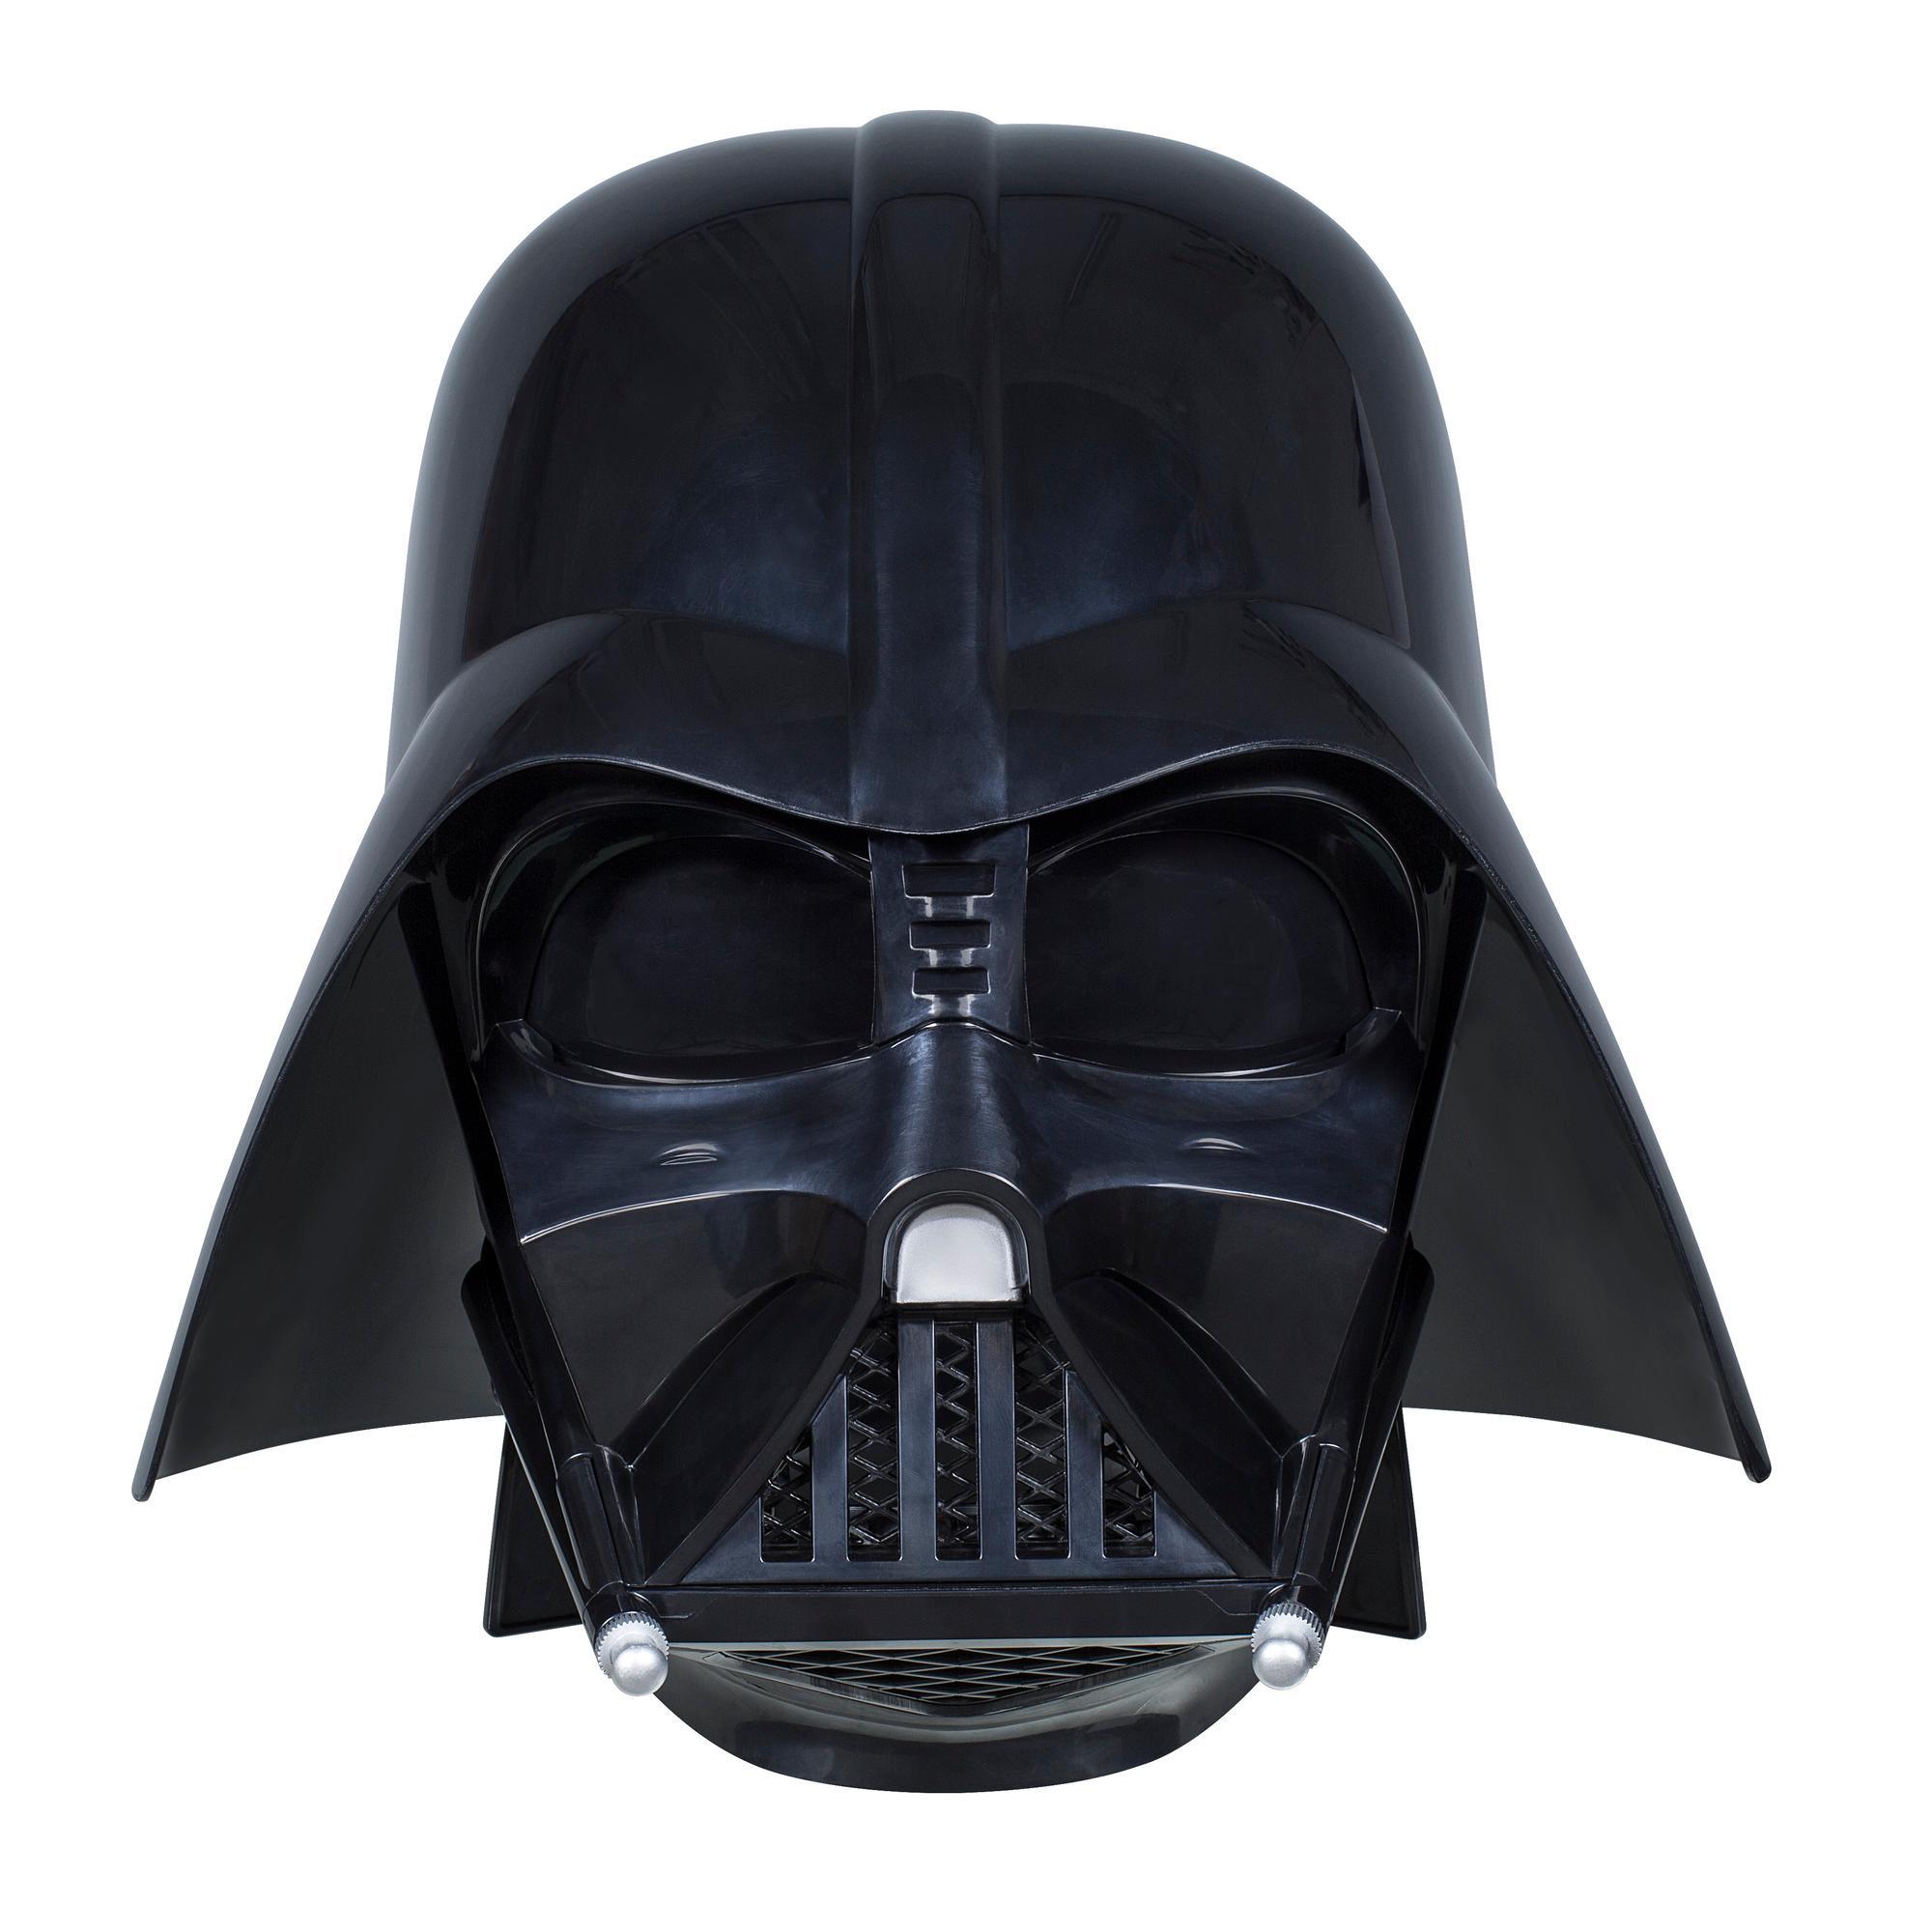 Star Wars Série noire - Casque électronique haut de gamme de Darth Vader